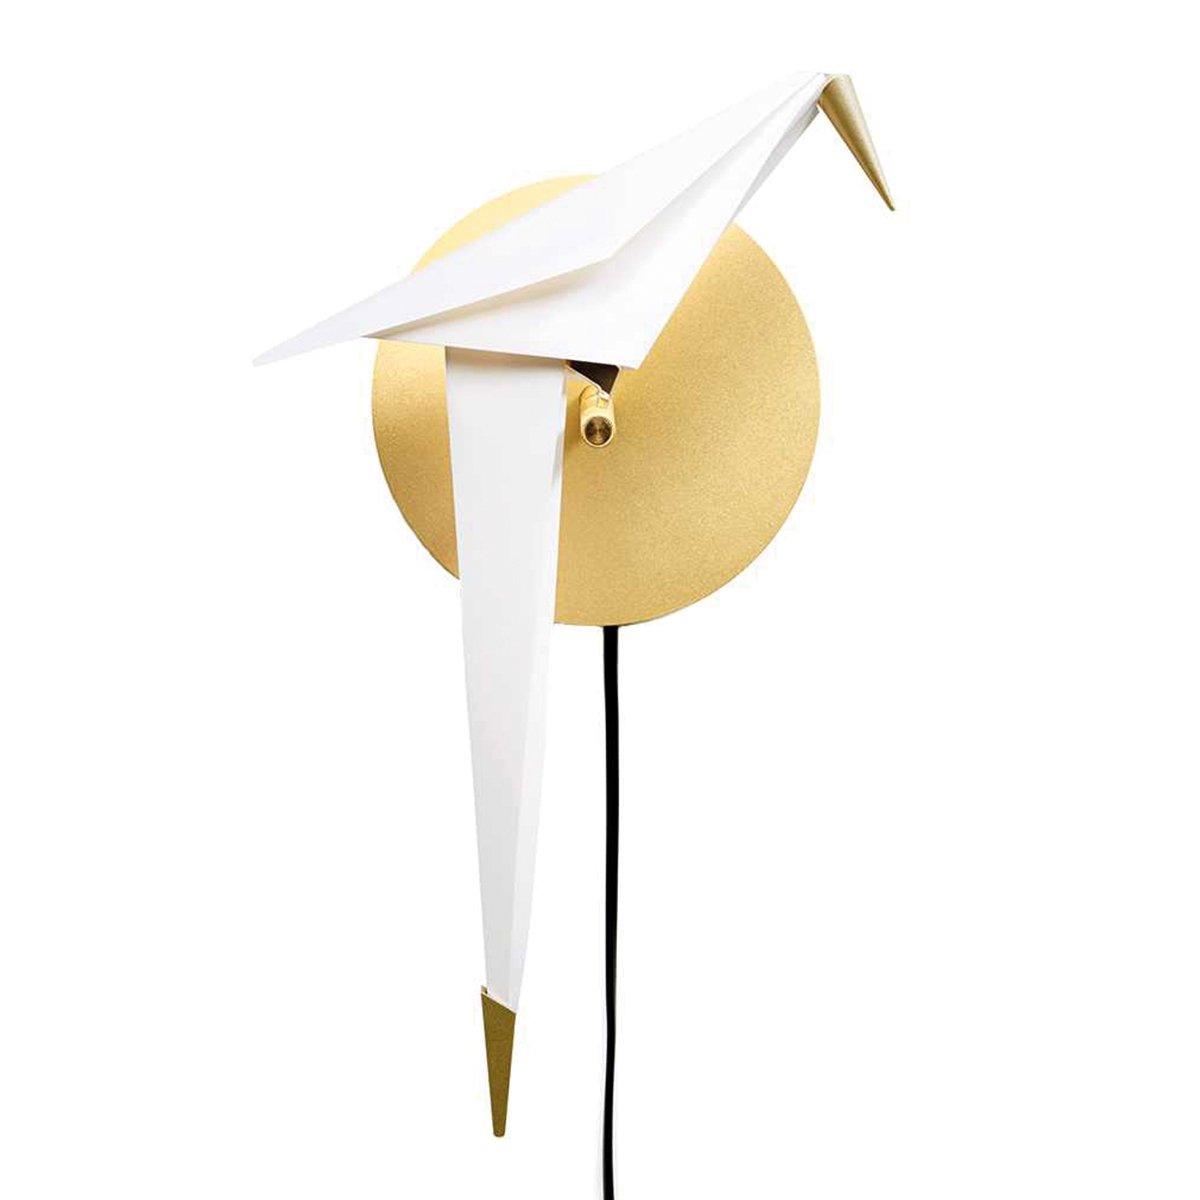 Moooi Perch Wandlamp Met Snoer Large